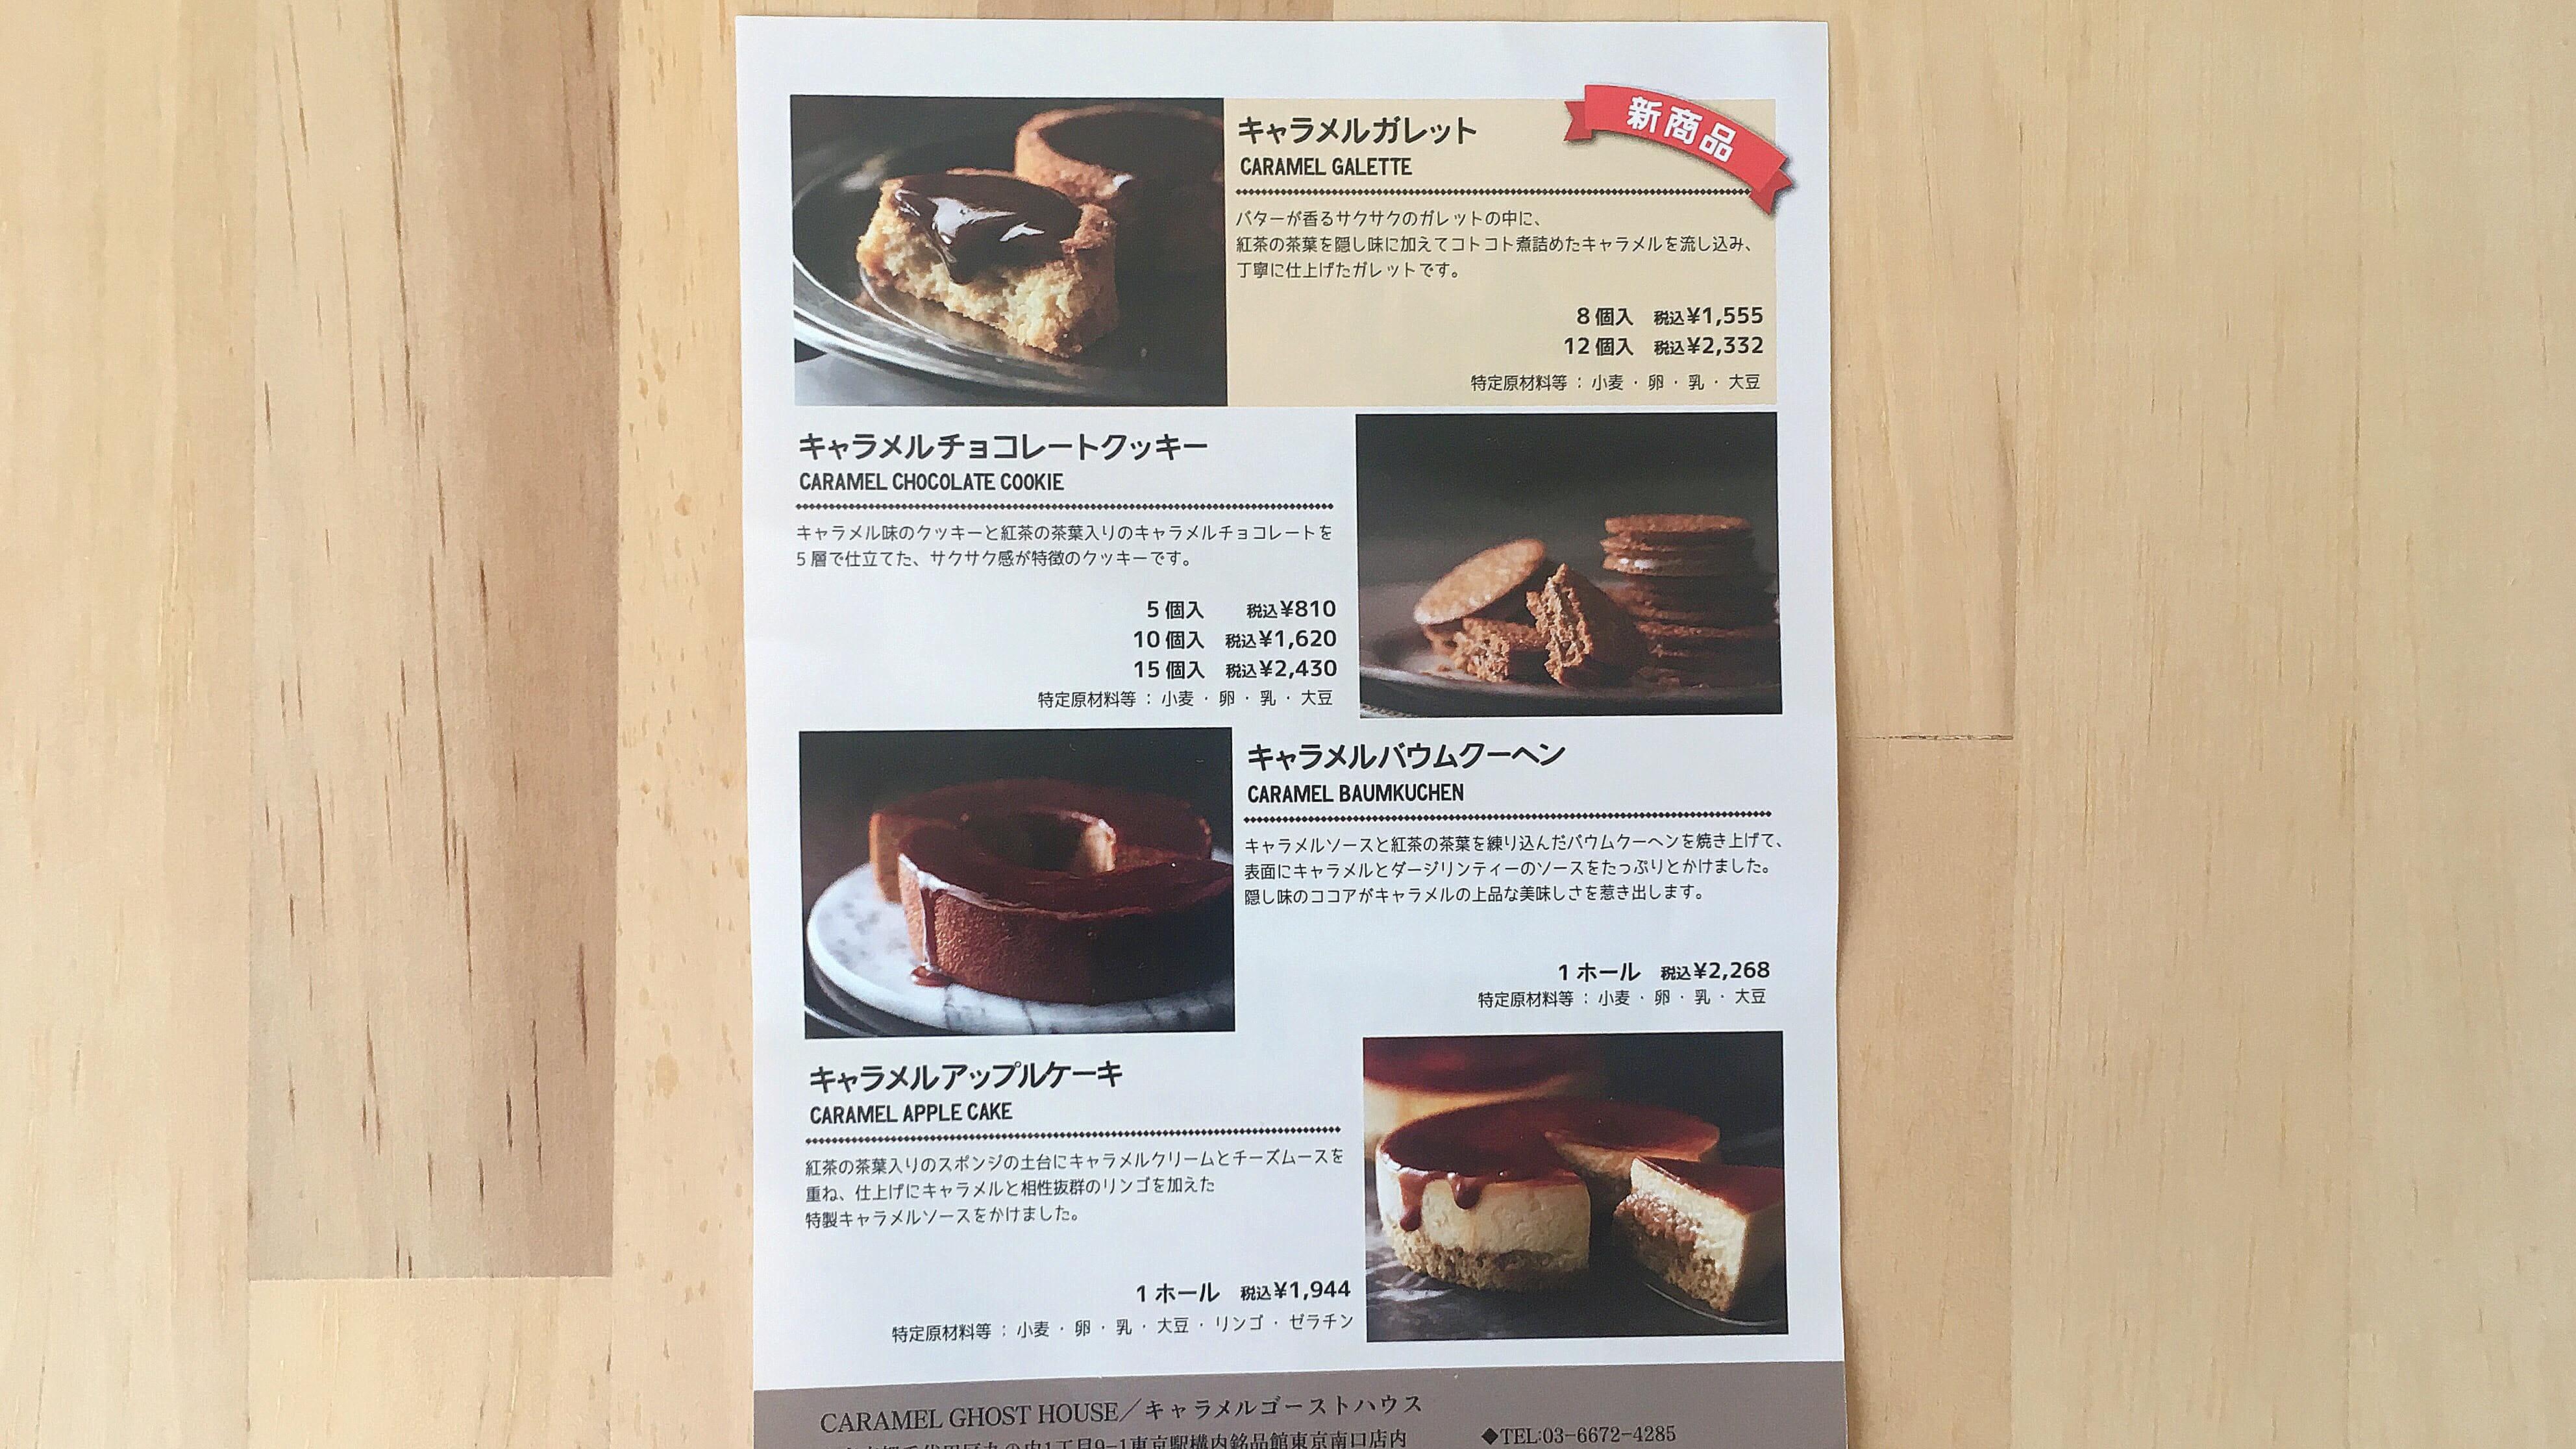 かわいい東京土産のキャラメルゴーストハウスの商品紹介